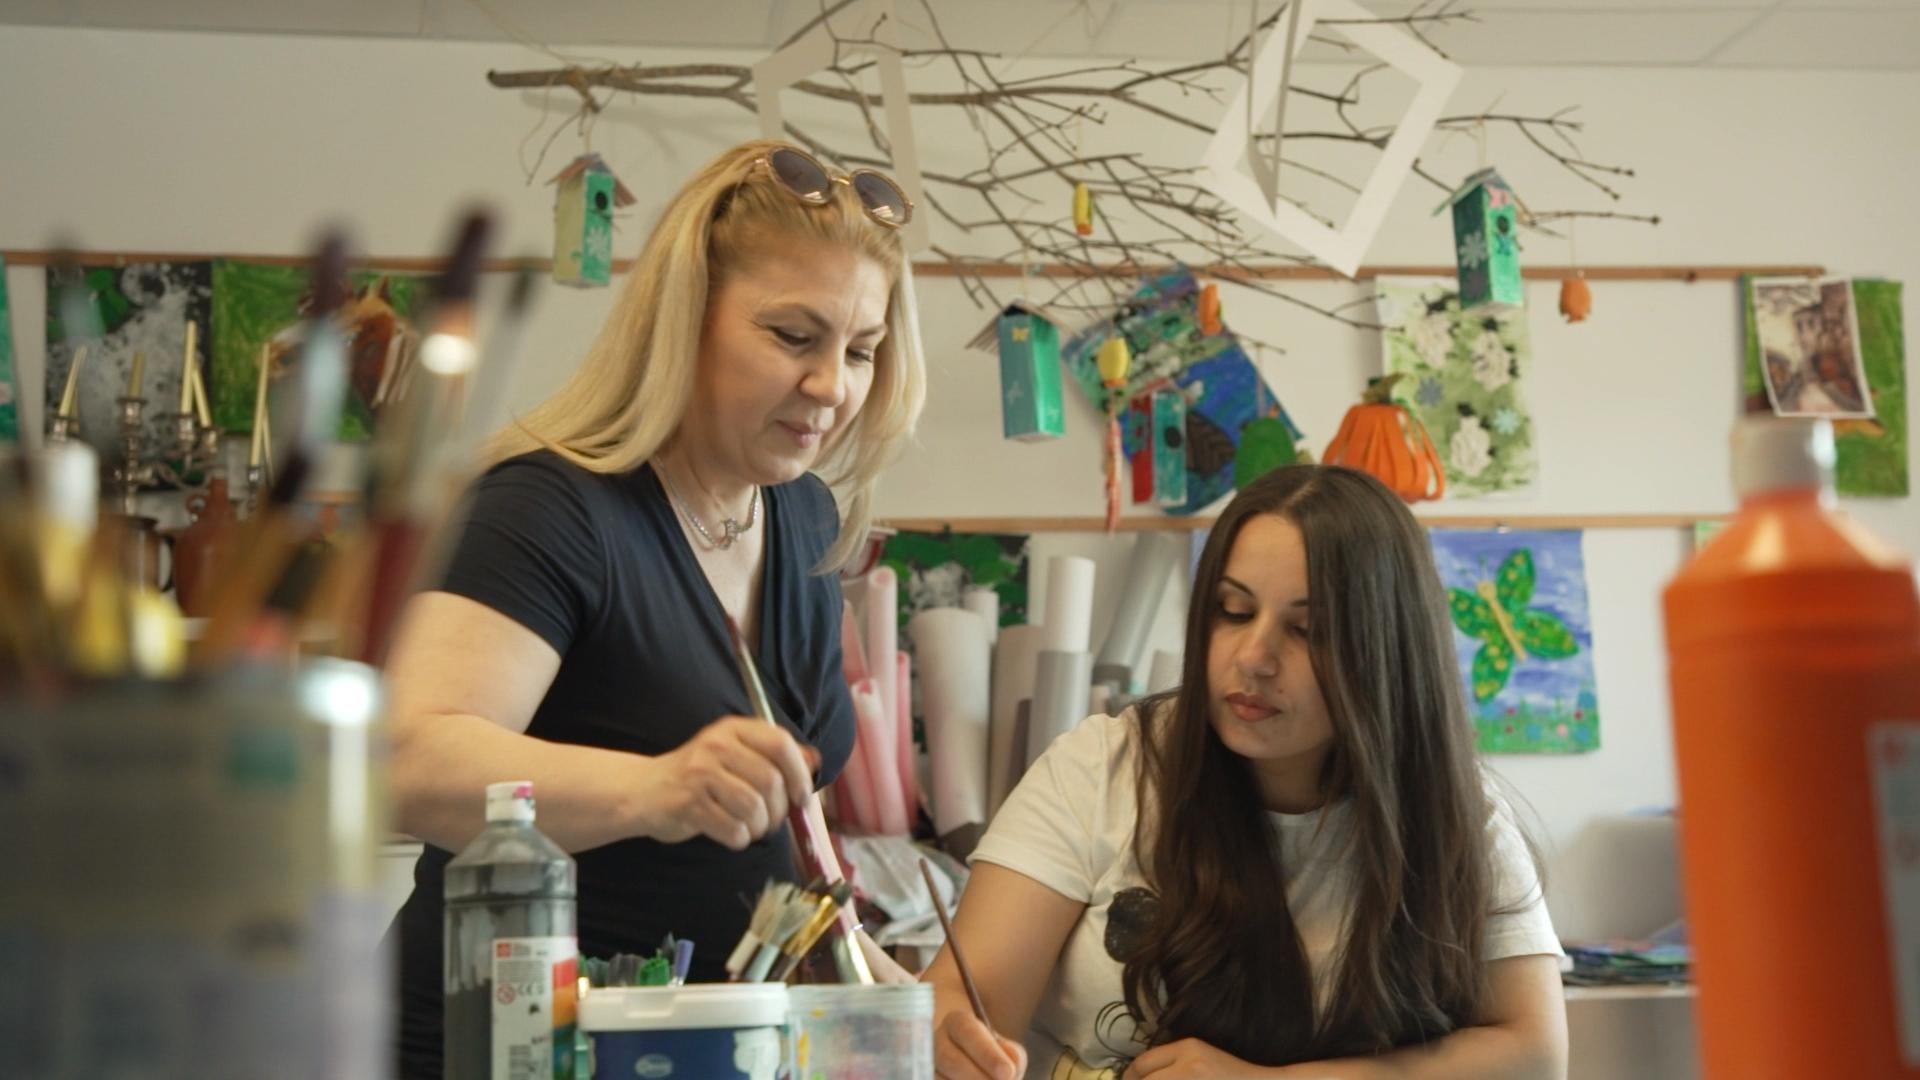 Das von uns geförderte Projekt hilft Frauen und Familien, am sozialen Leben teilzunehmen.